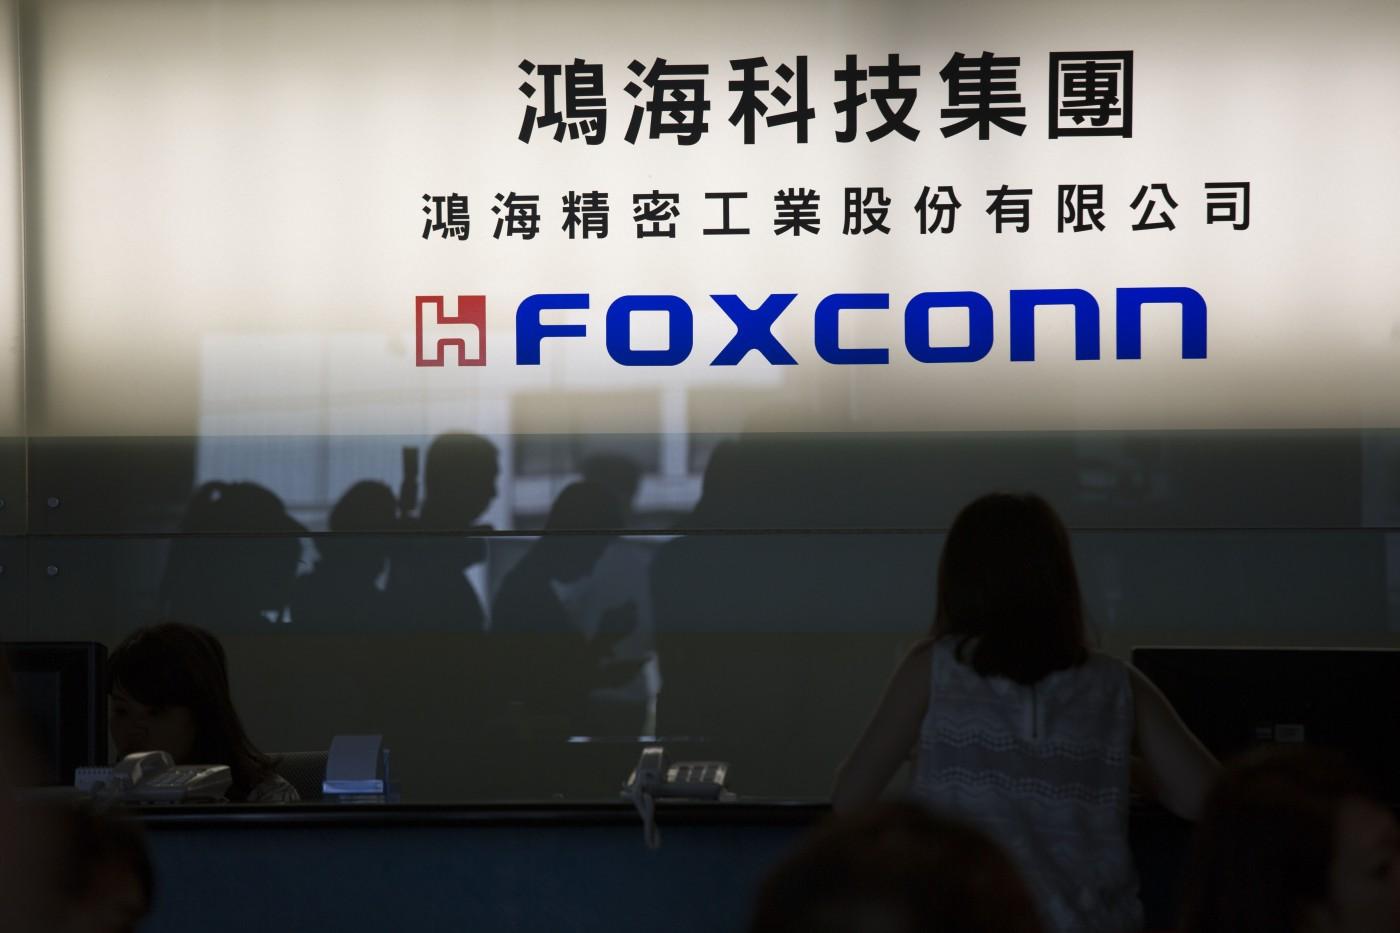 鴻海劍指中國電動車市場,合資全球第四大車廠有何盤算?